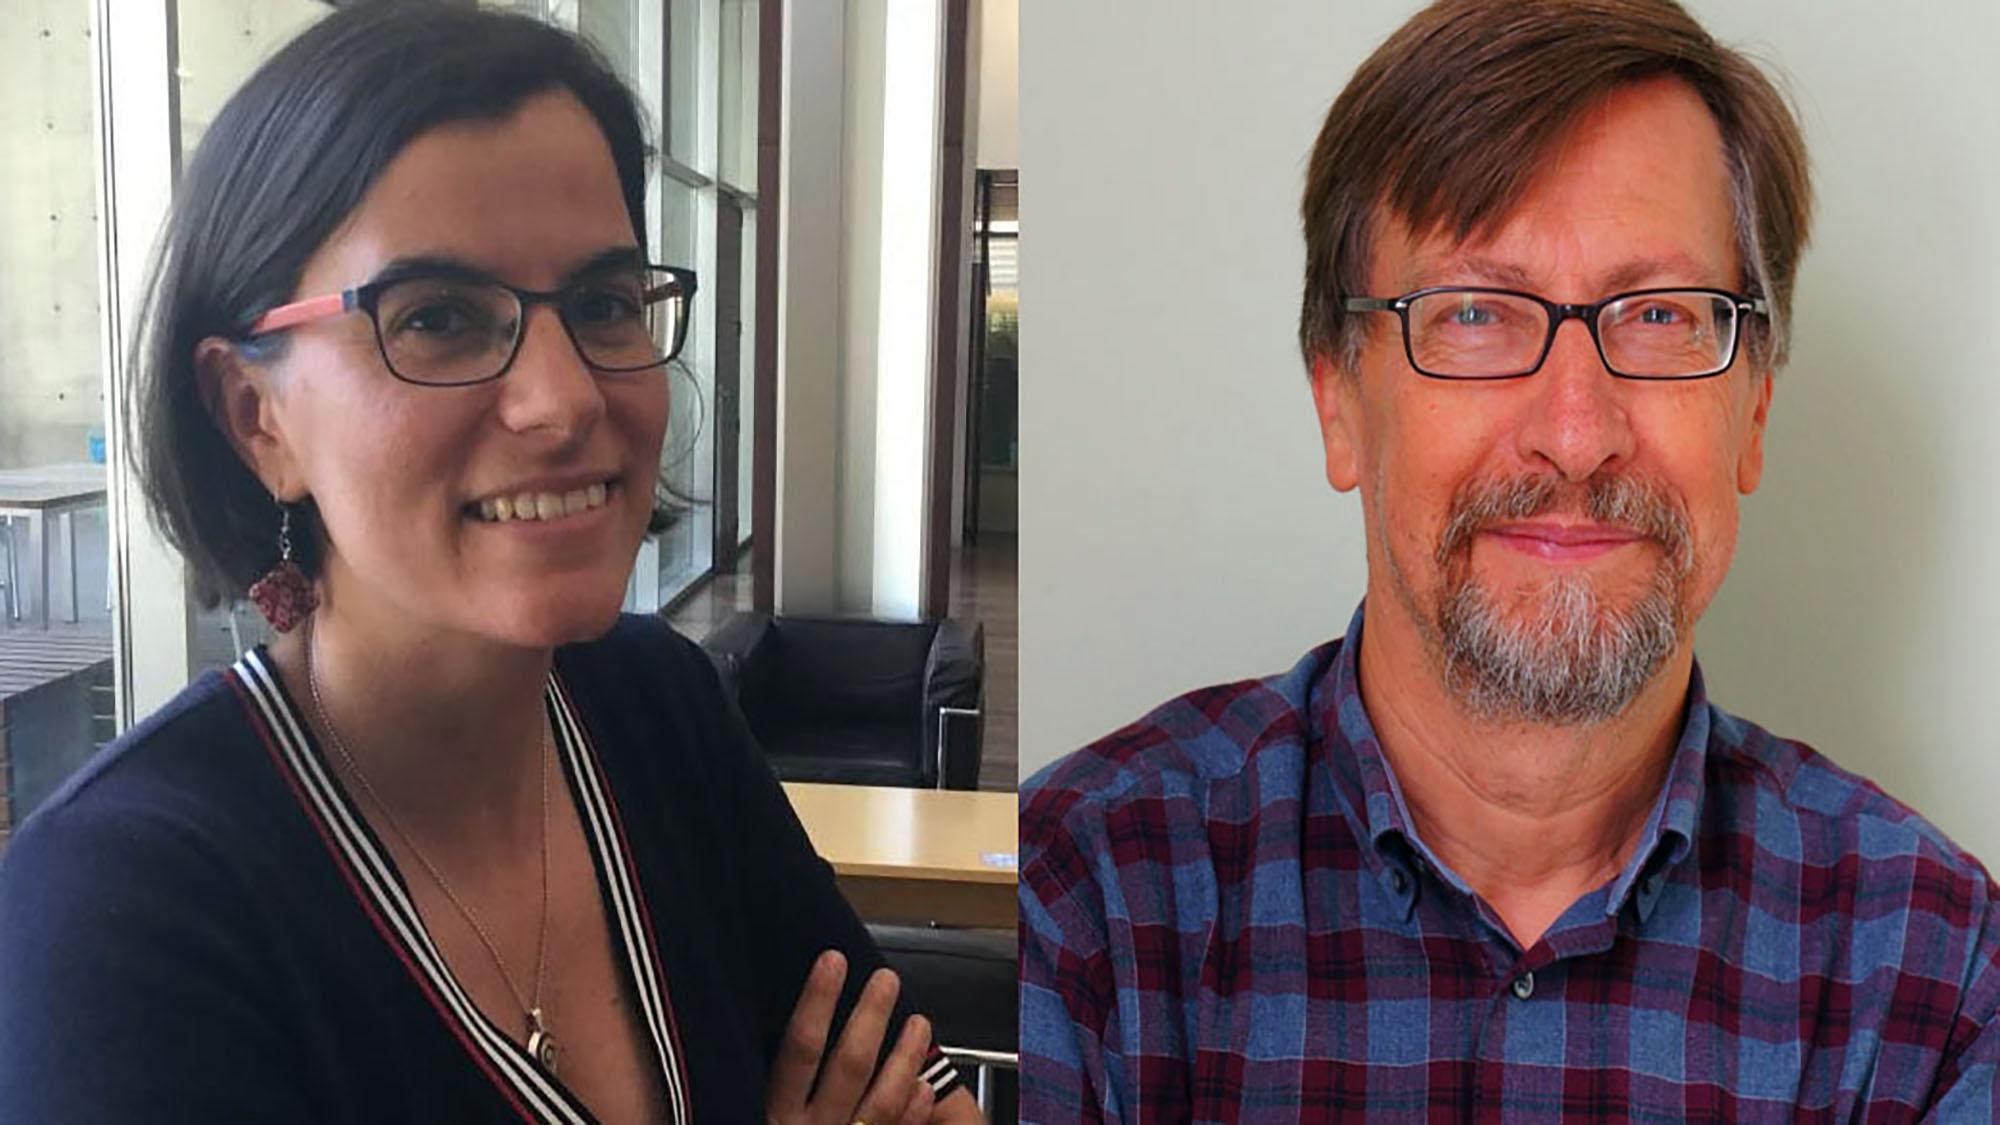 Maria Grau, investigadora de l'IMIM, i José Miguel Baena-Díez. investigador de l'IDIAPJGol (Centre d'Atenció Primària La Marina), són els principals autors del treball.